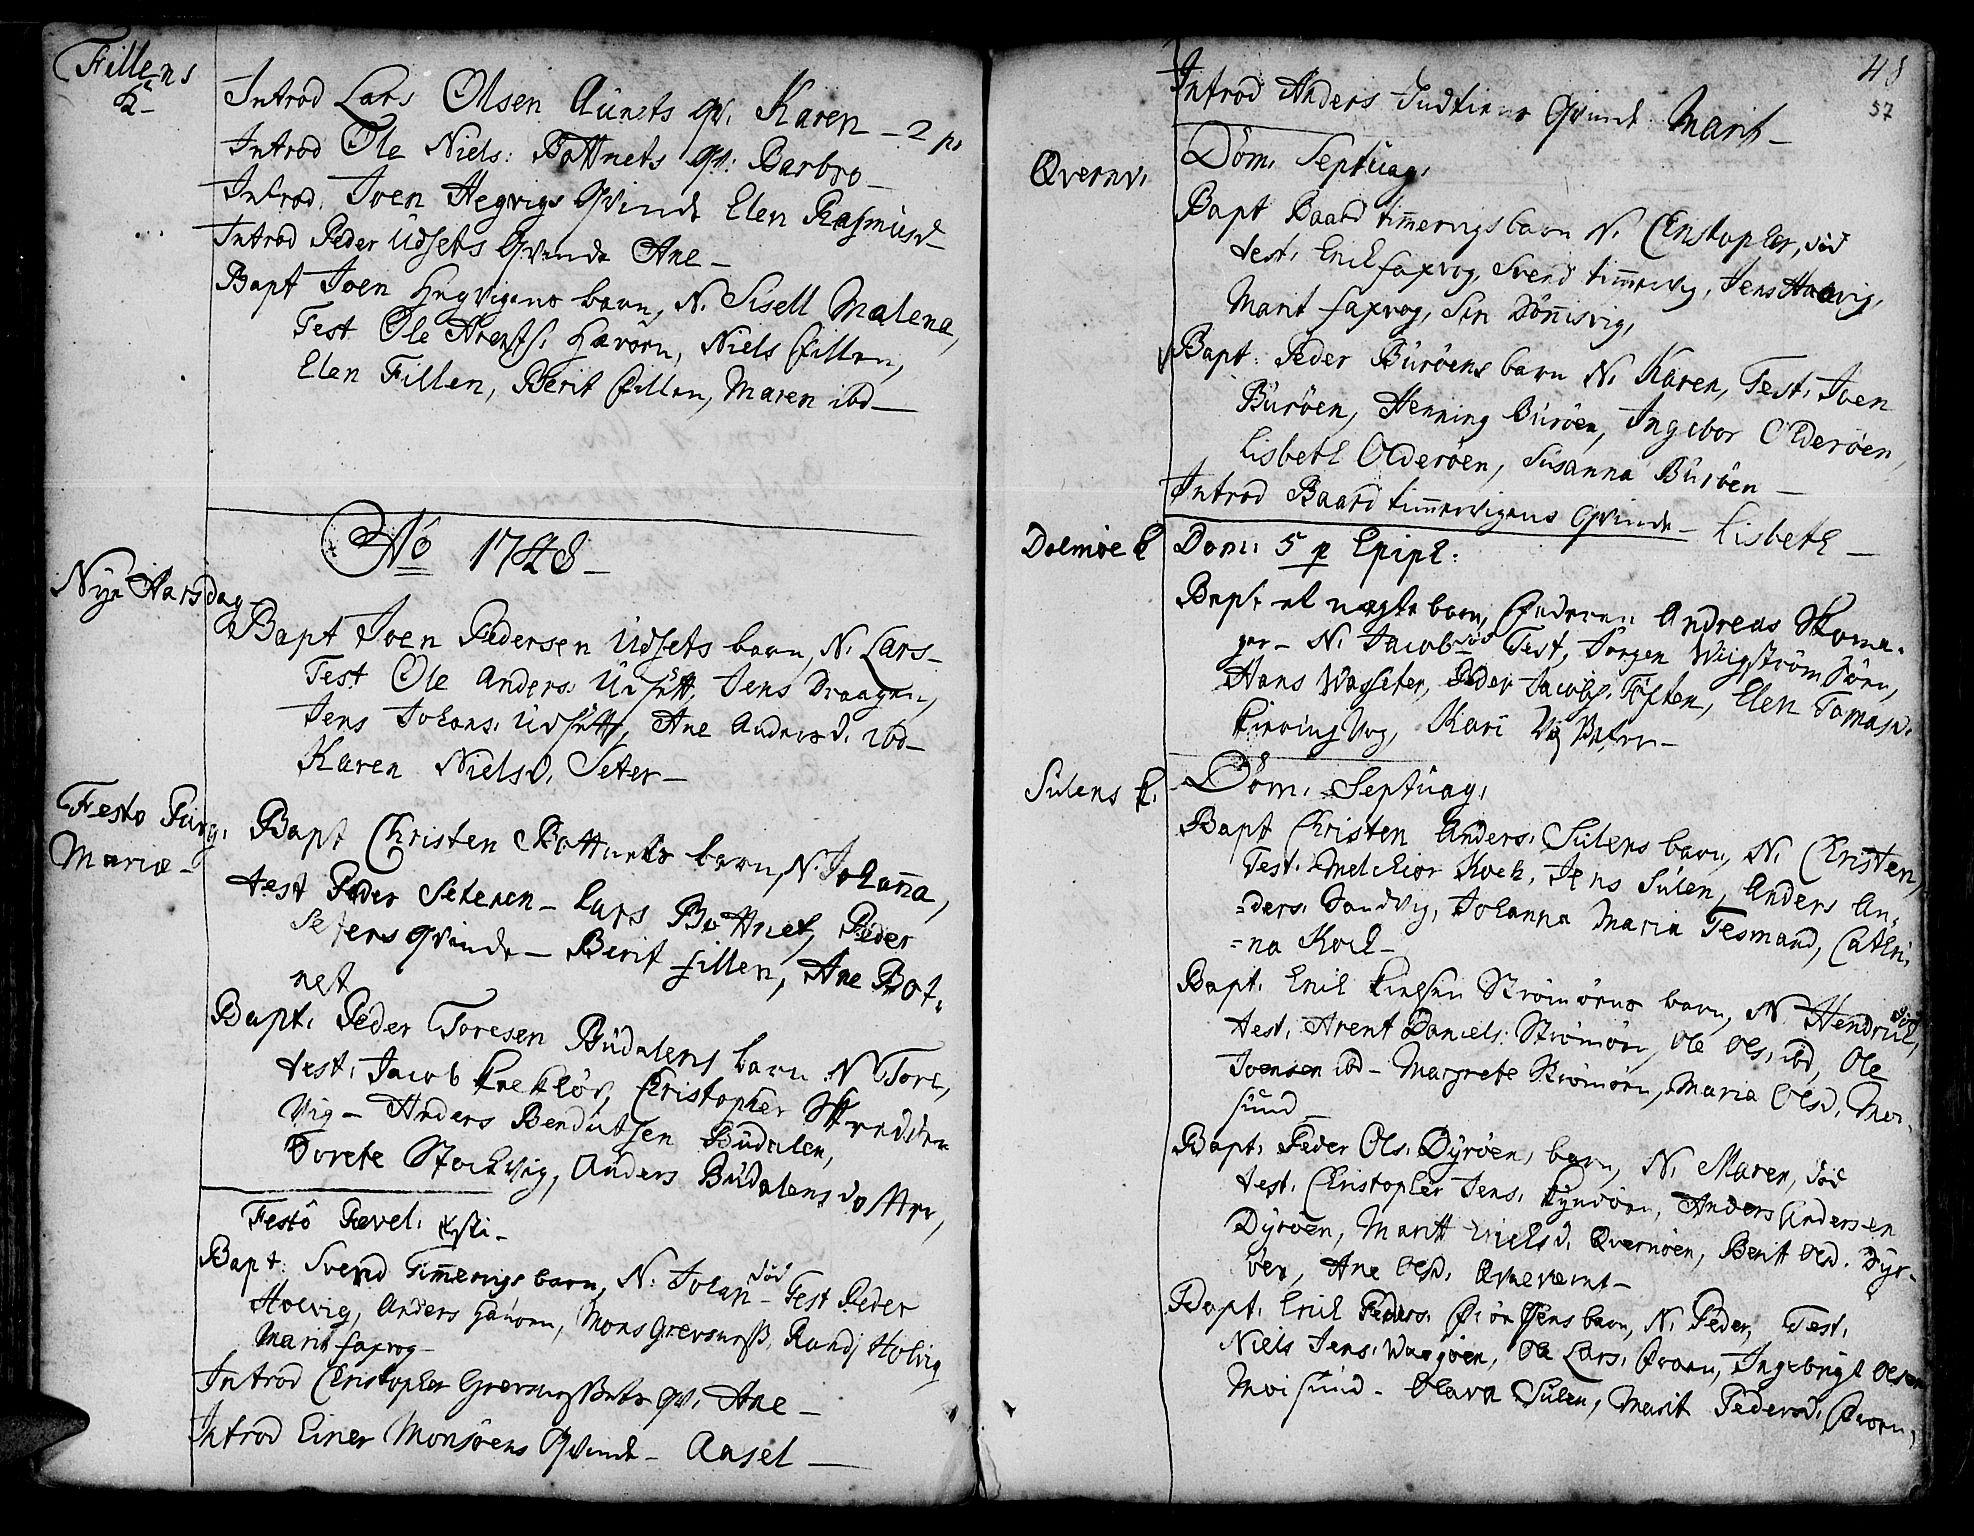 SAT, Ministerialprotokoller, klokkerbøker og fødselsregistre - Sør-Trøndelag, 634/L0525: Ministerialbok nr. 634A01, 1736-1775, s. 57